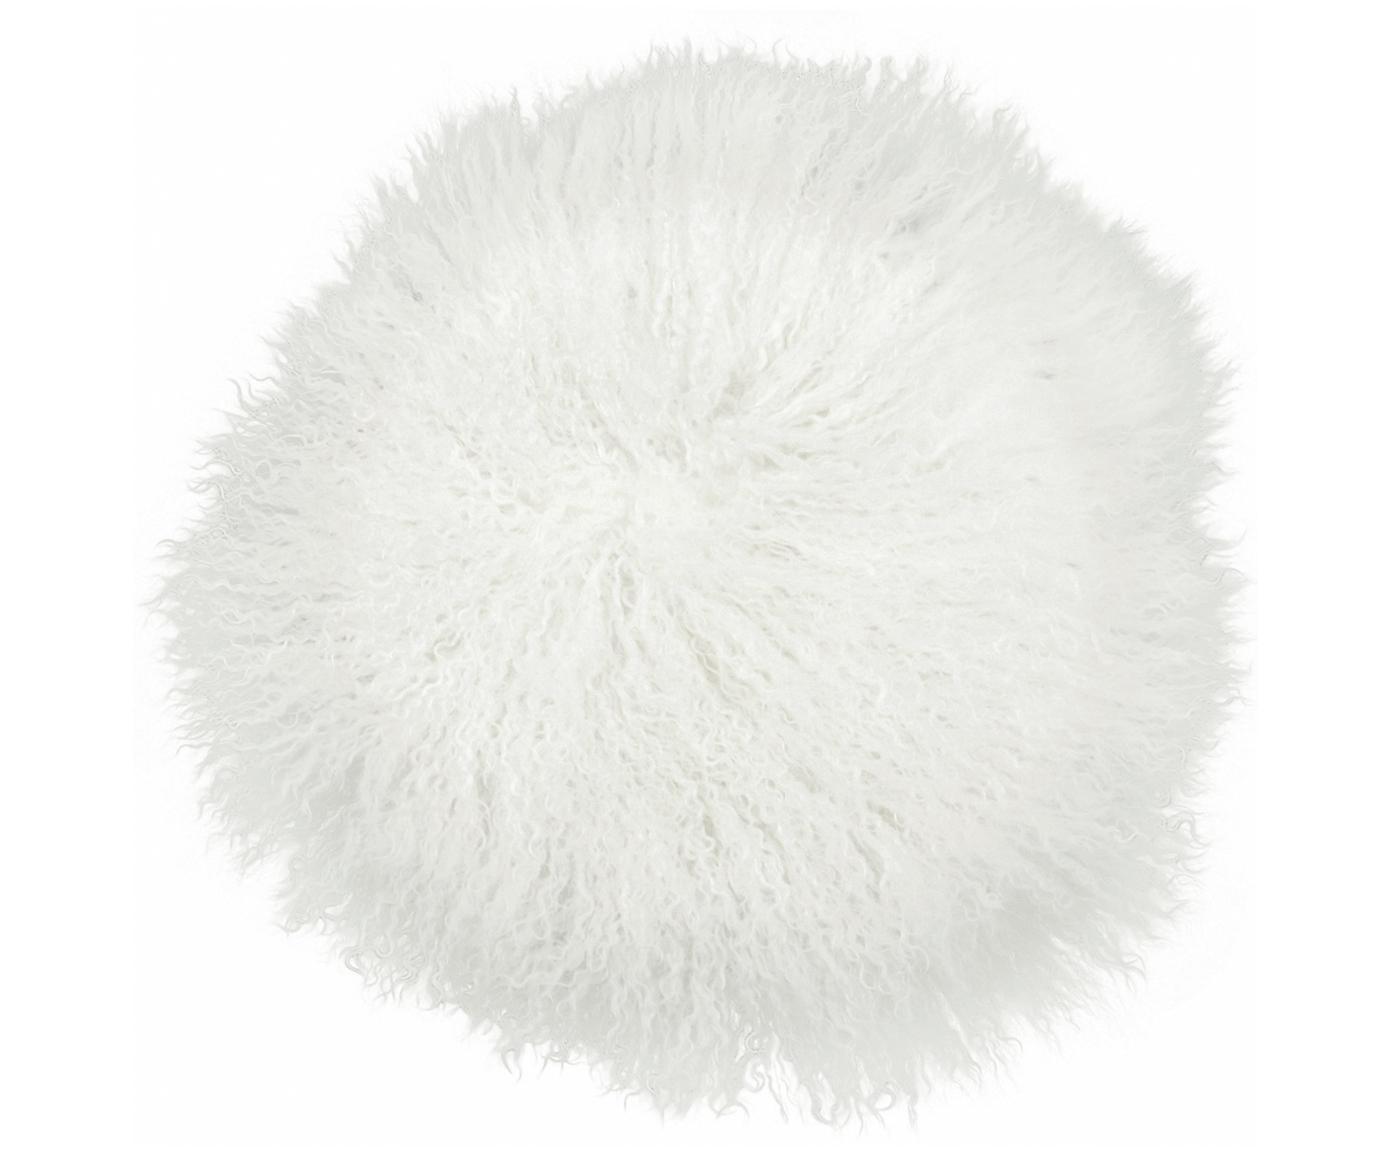 Nakładka na krzesło ze skóry jagnięcej o długim włosiu Ella, Naturalny biały, Ø 37 cm